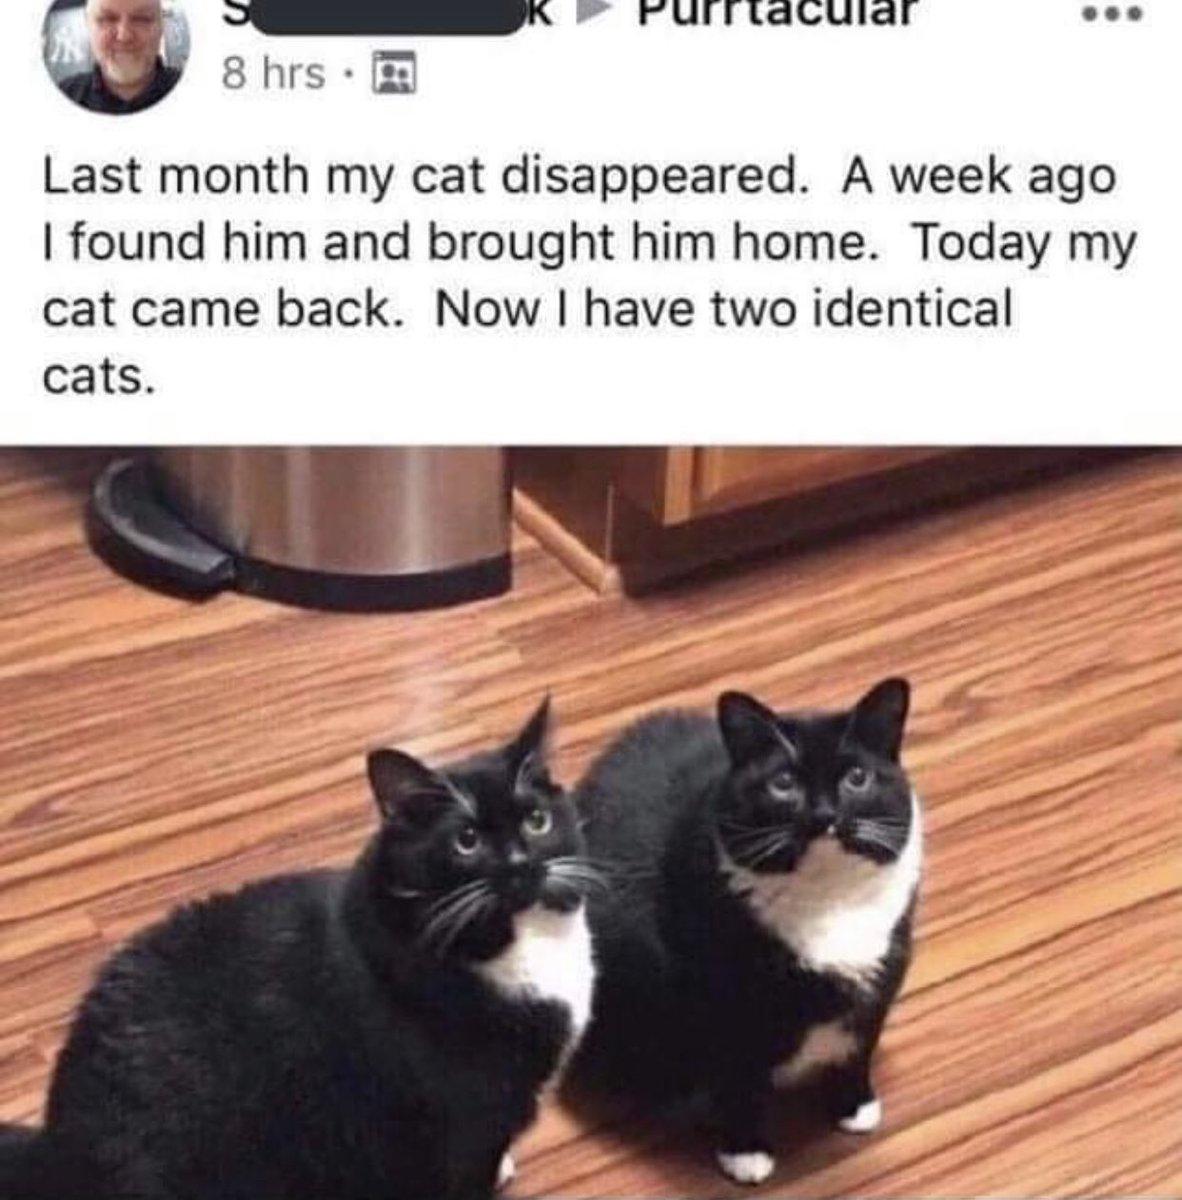 逃げた飼い猫を見つけたと思ったのに!めちゃくちゃ似てるだけの野良猫だった!